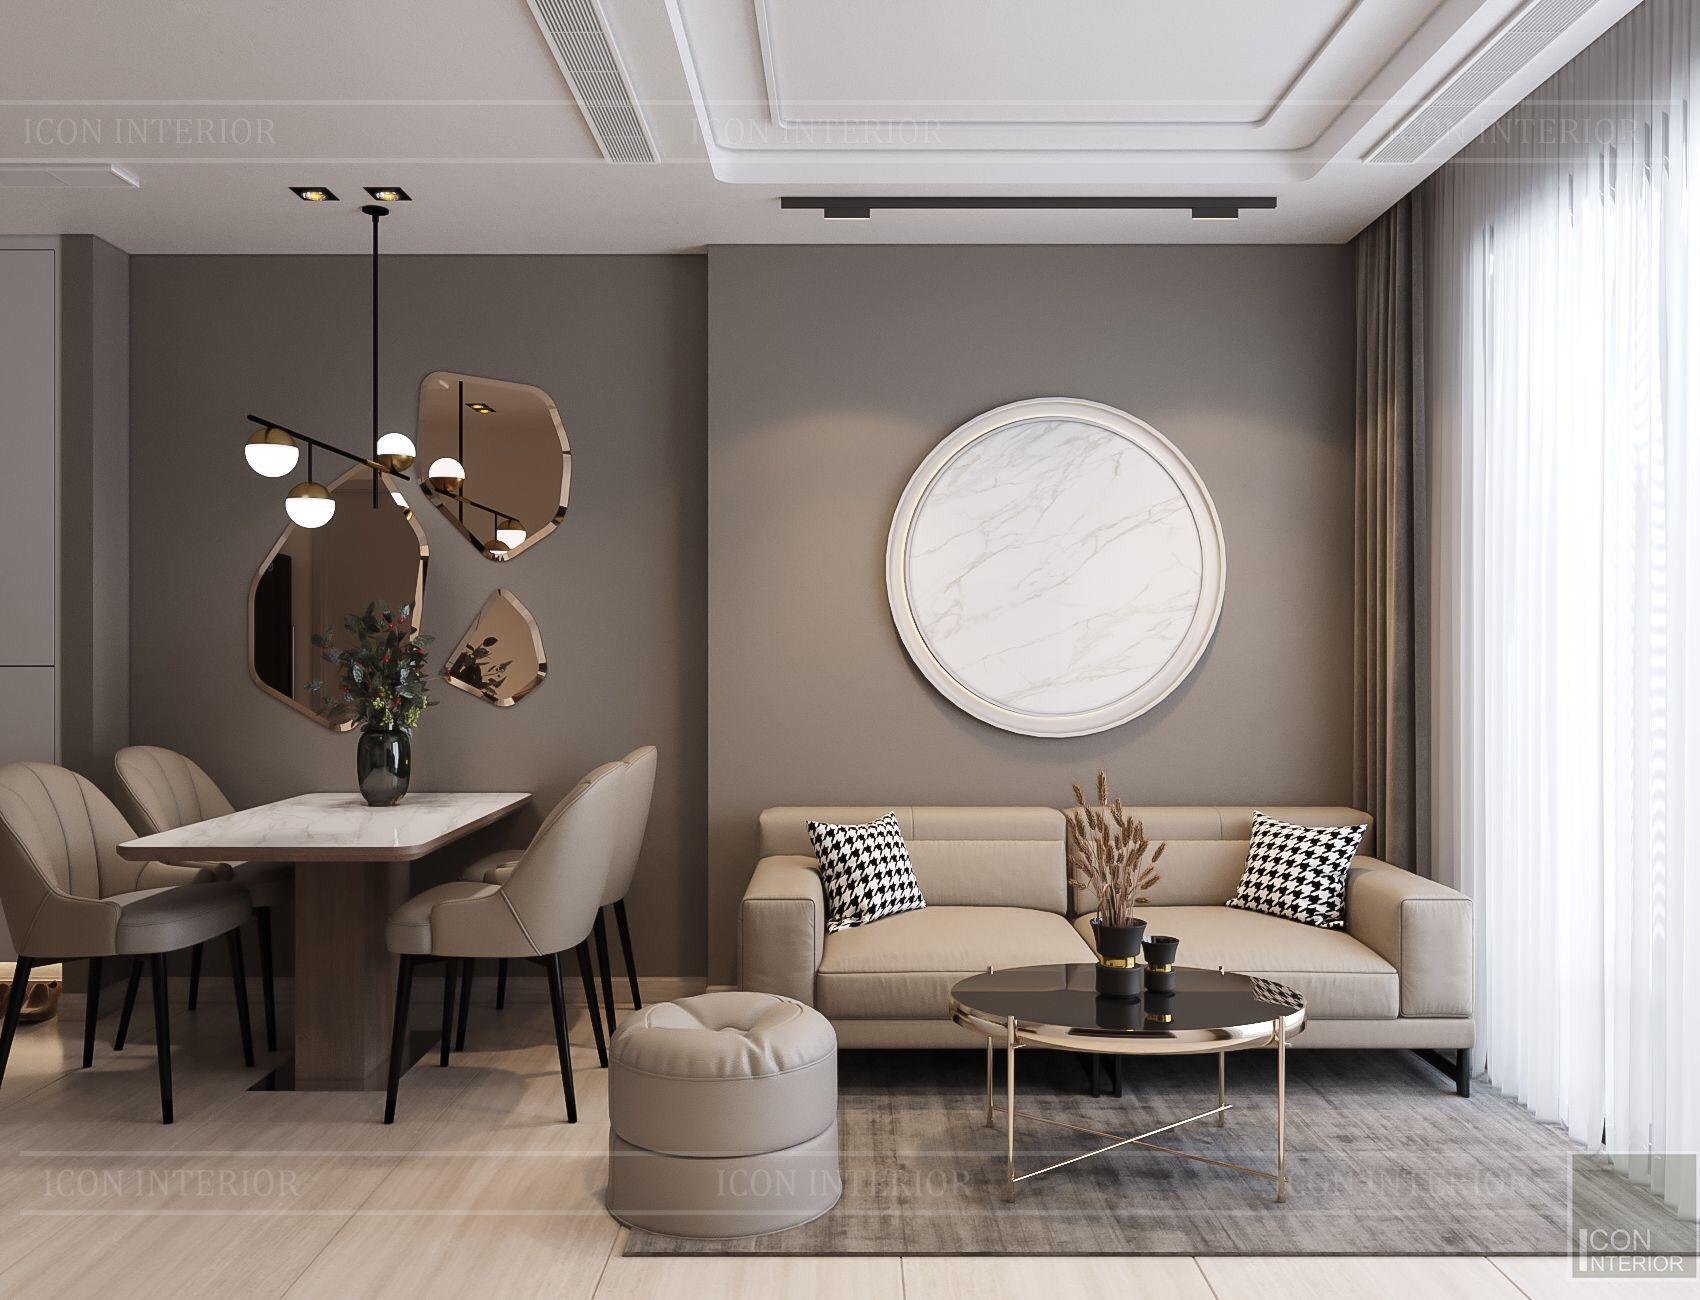 thiết kế nội thất chung cư kingdom 101 - phòng khách